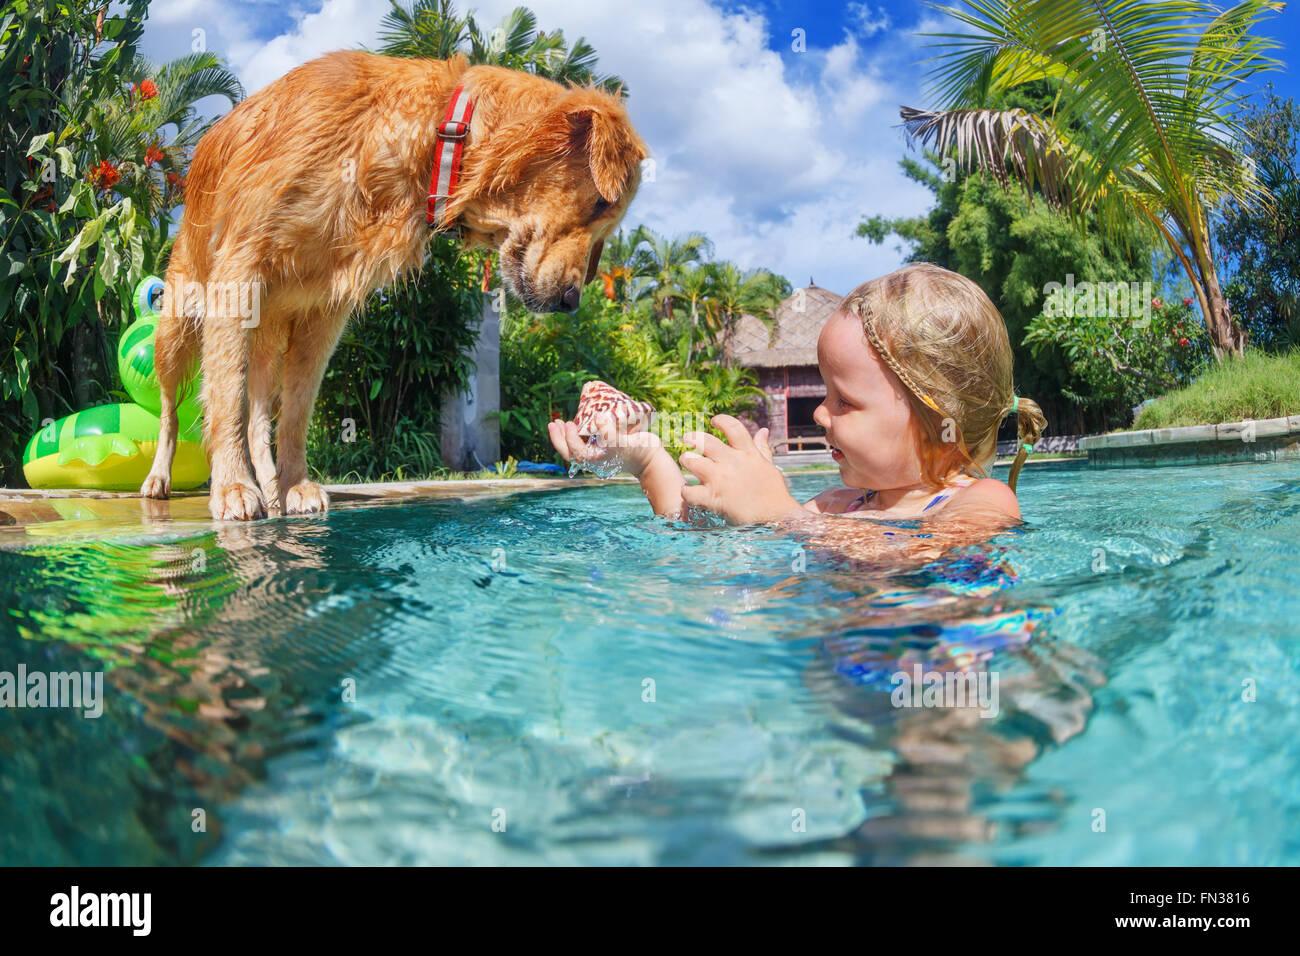 Pequeño niño jugar con la diversión y el tren Golden Labrador retriever cachorro de piscina - bucear Imagen De Stock